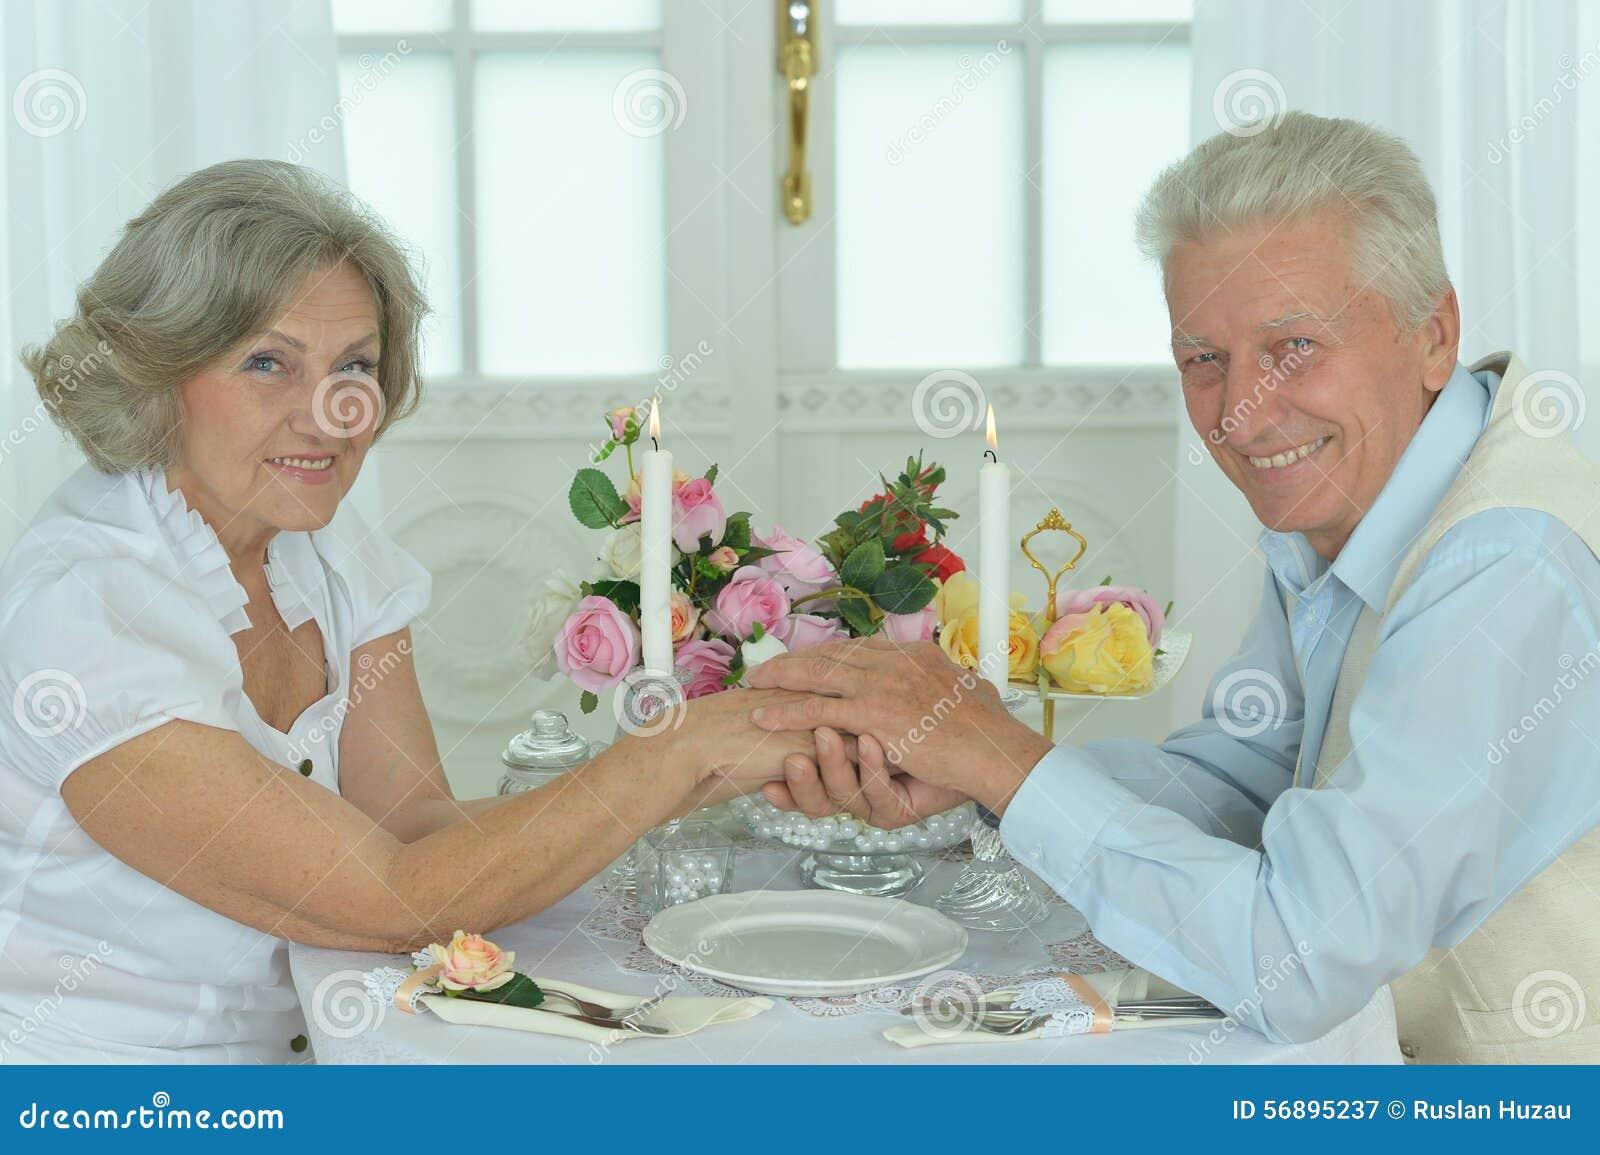 wendi deng dating